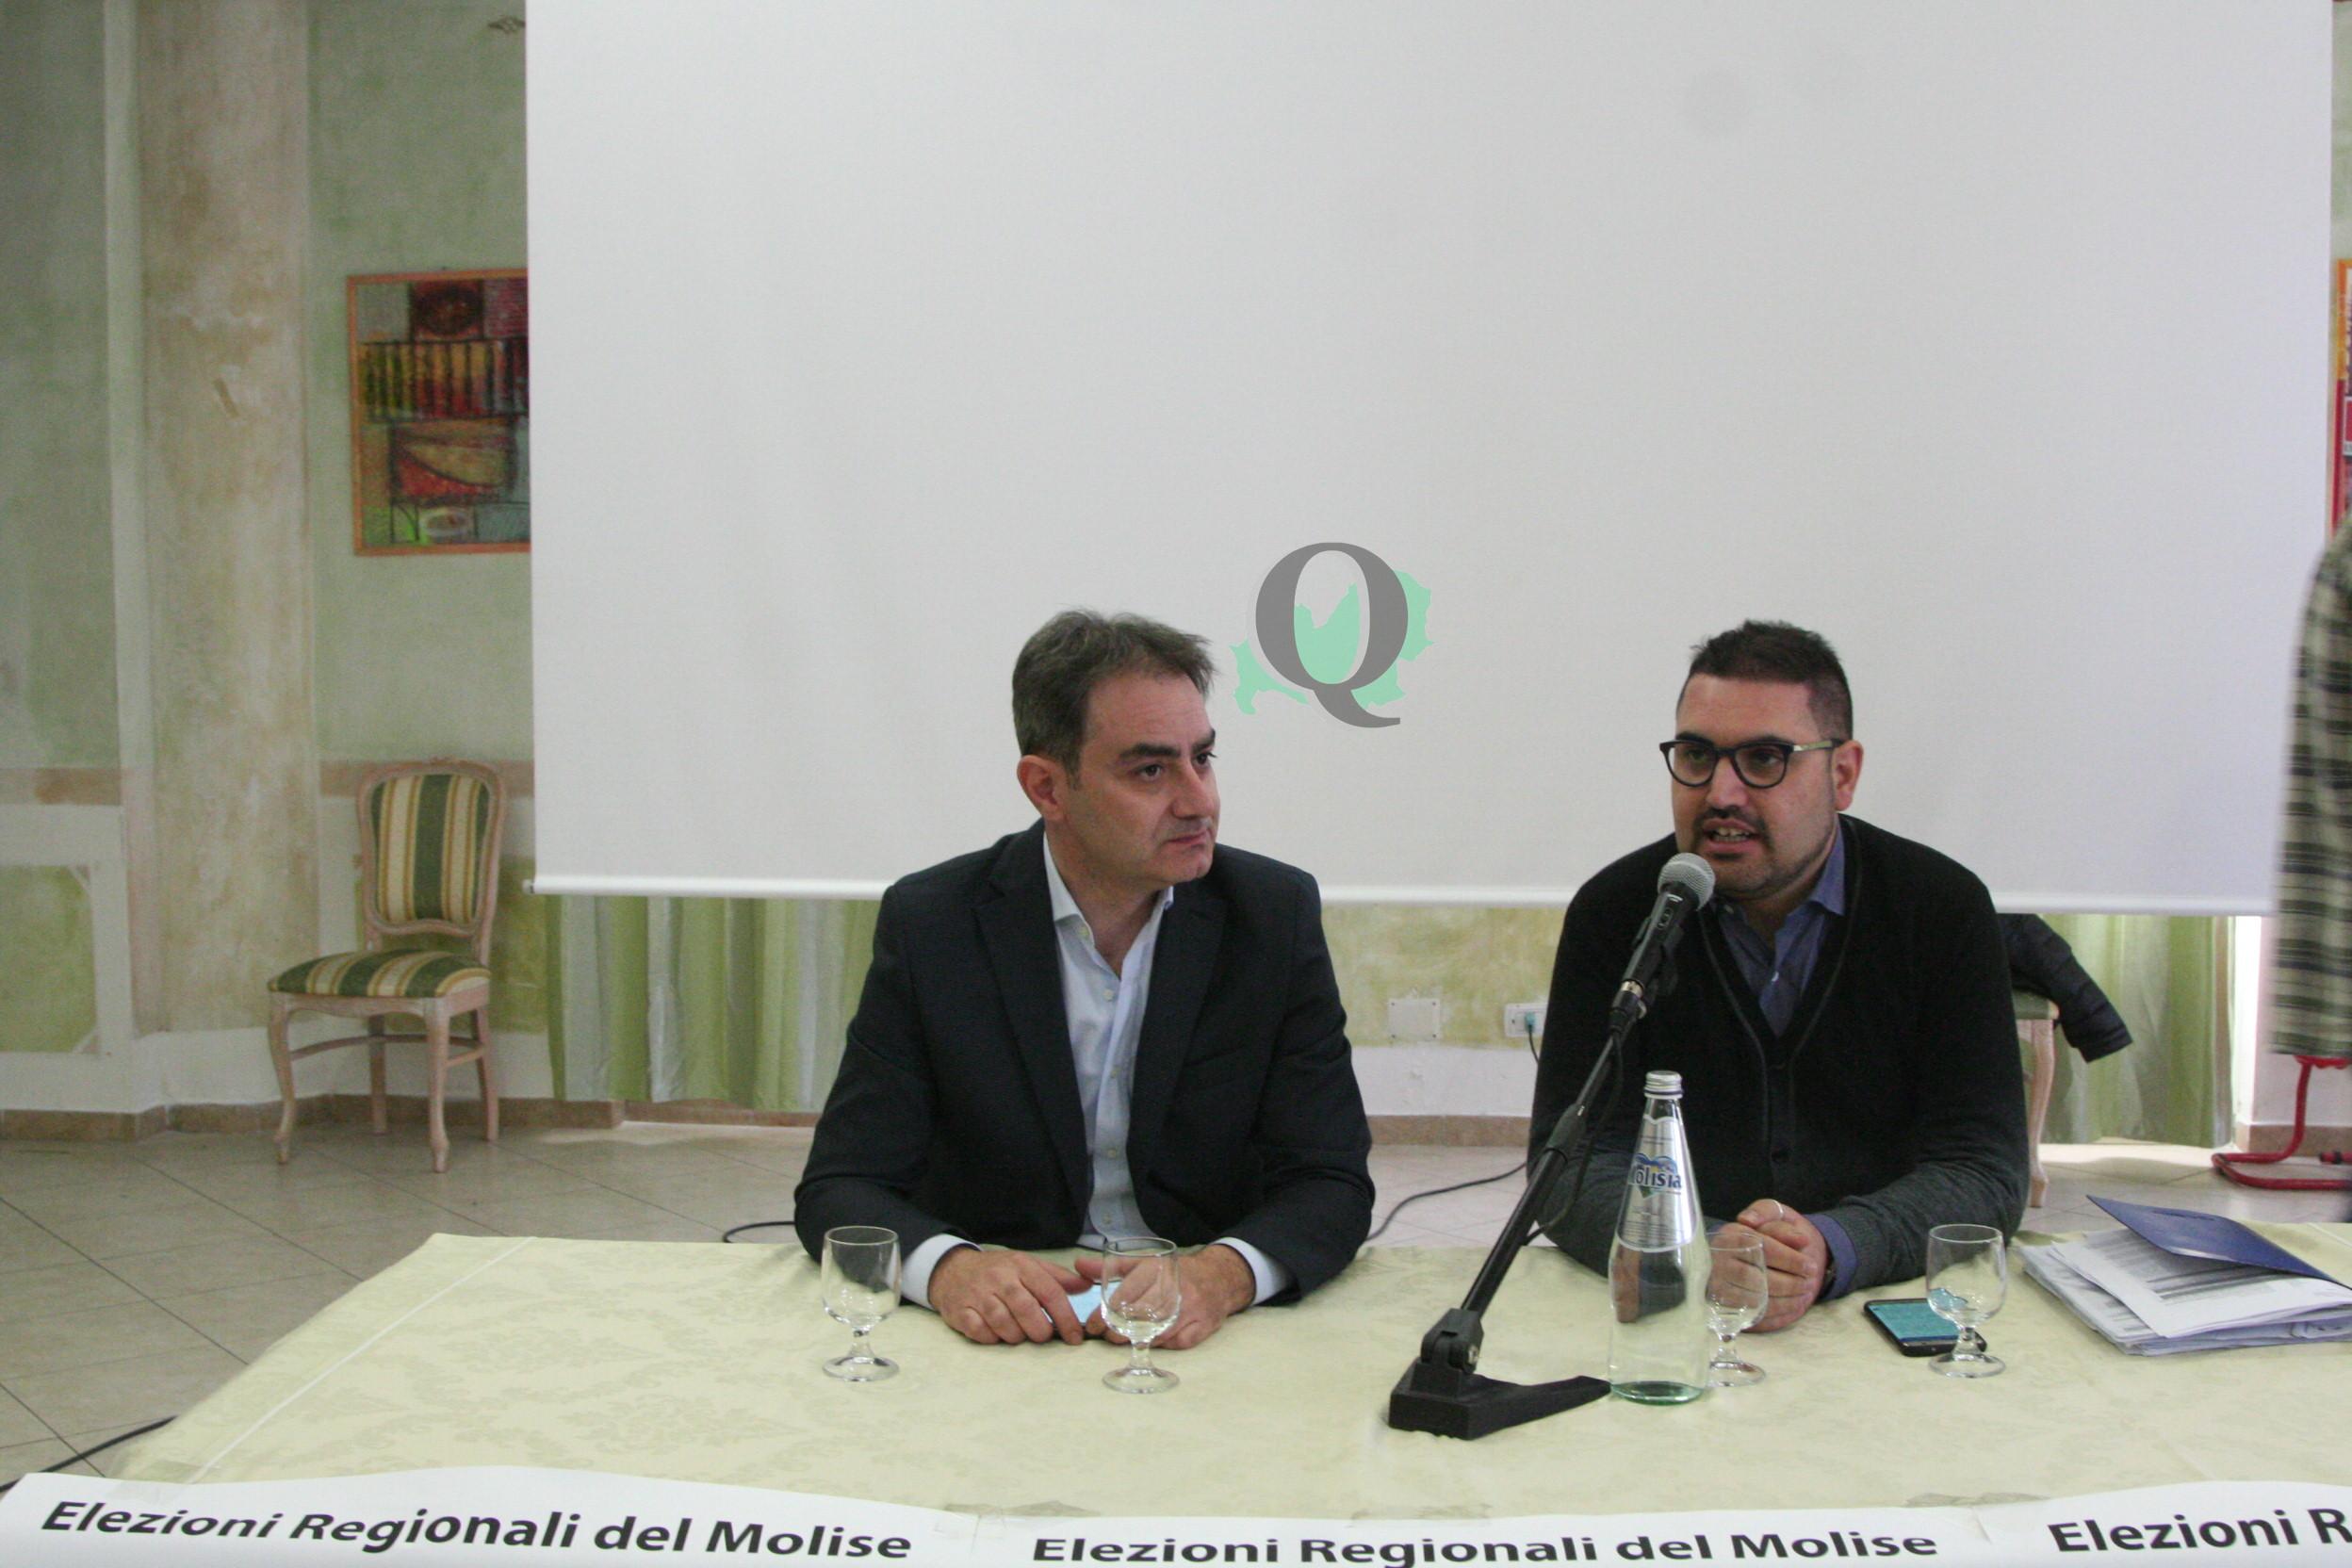 """Regionali. Presentata la lista 'Unione per il Molise': """"Con passione per un centrosinistra coeso"""""""